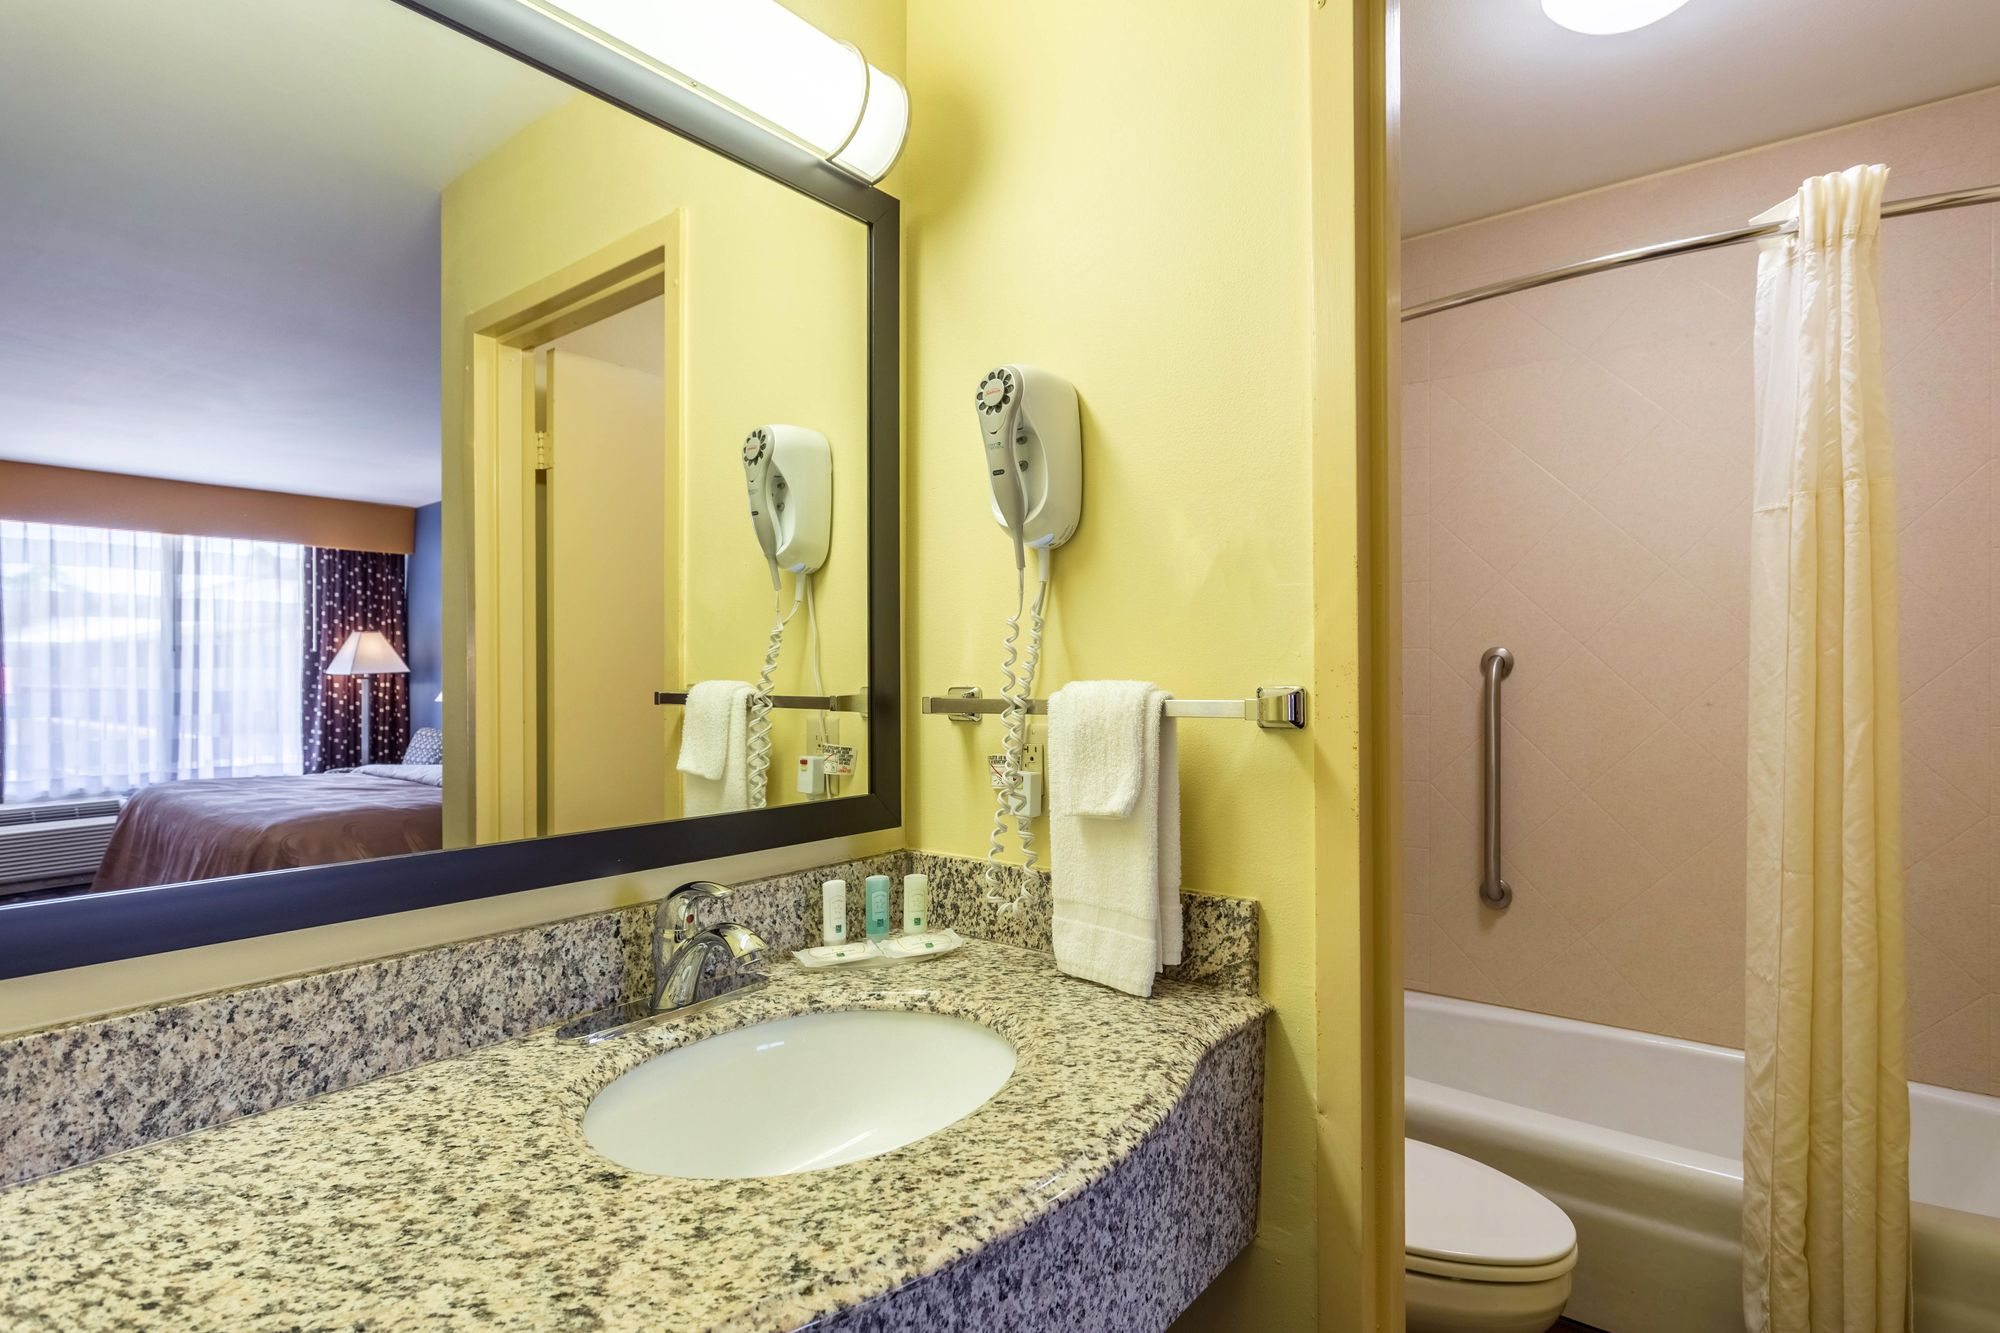 Quality Inn & Suites Port Allen in Port Allen, LA